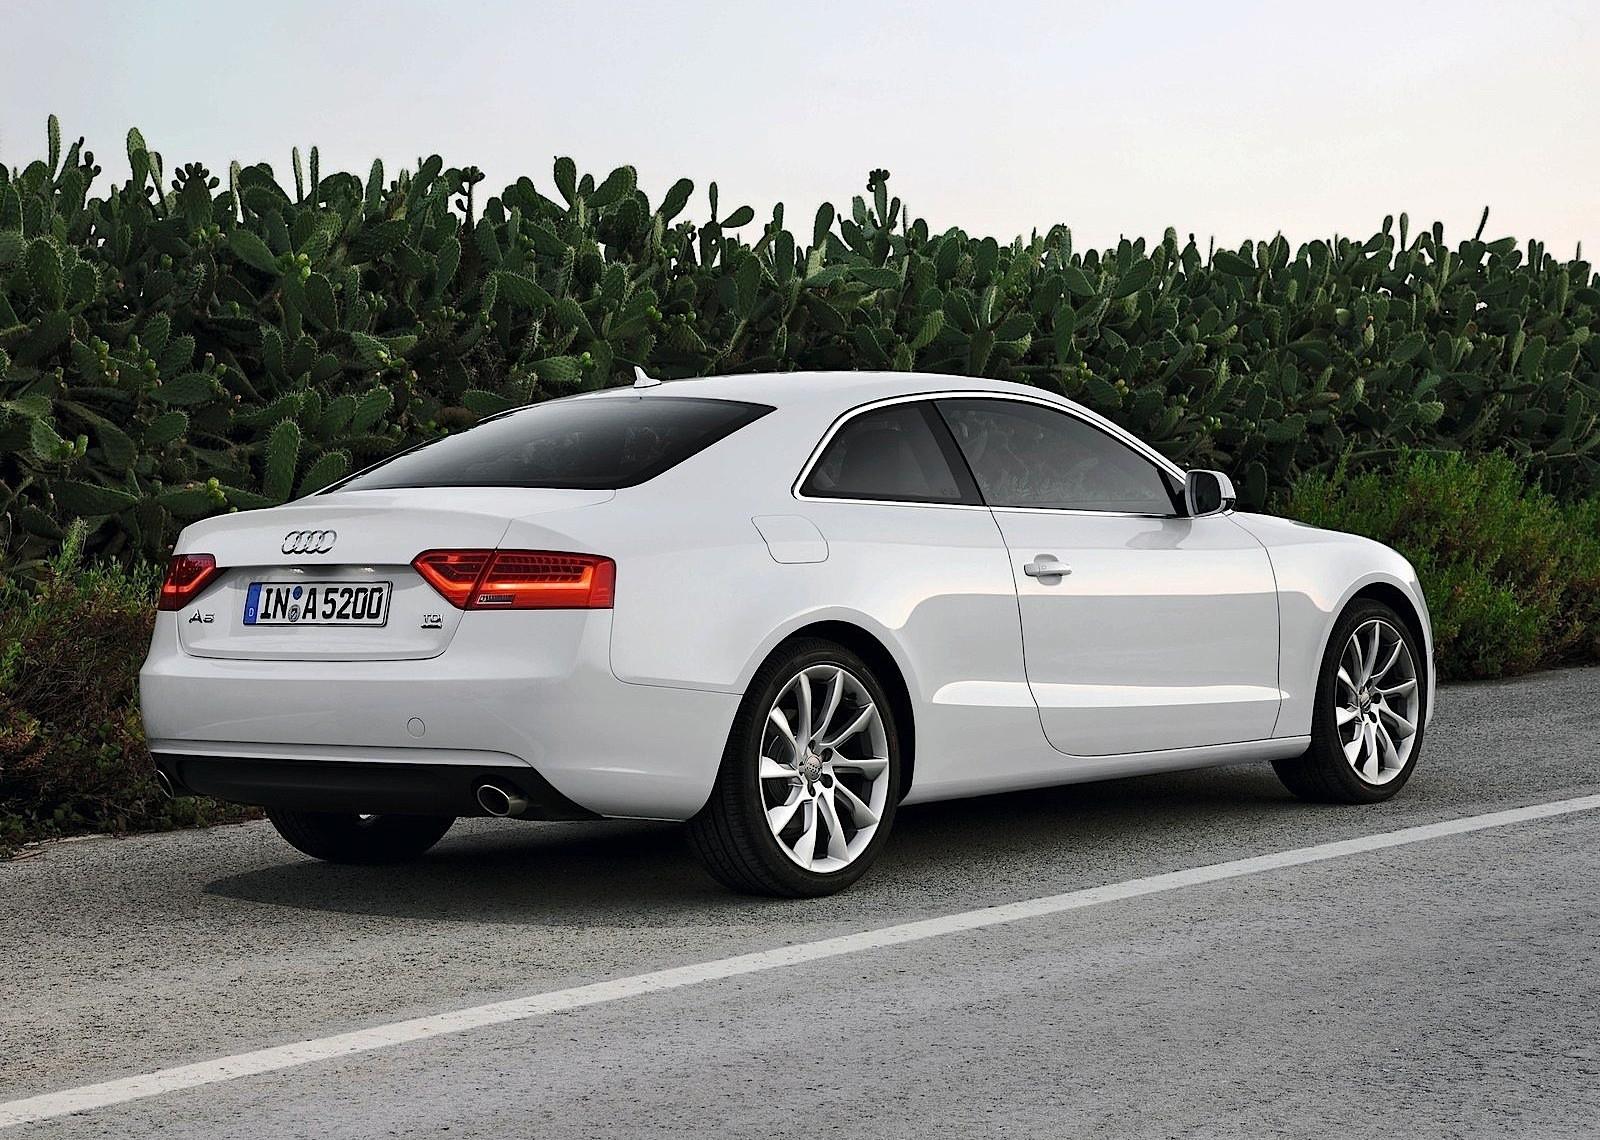 audi-a5-coupe-2-doors-2012-model-exterior-photos-8.jpg